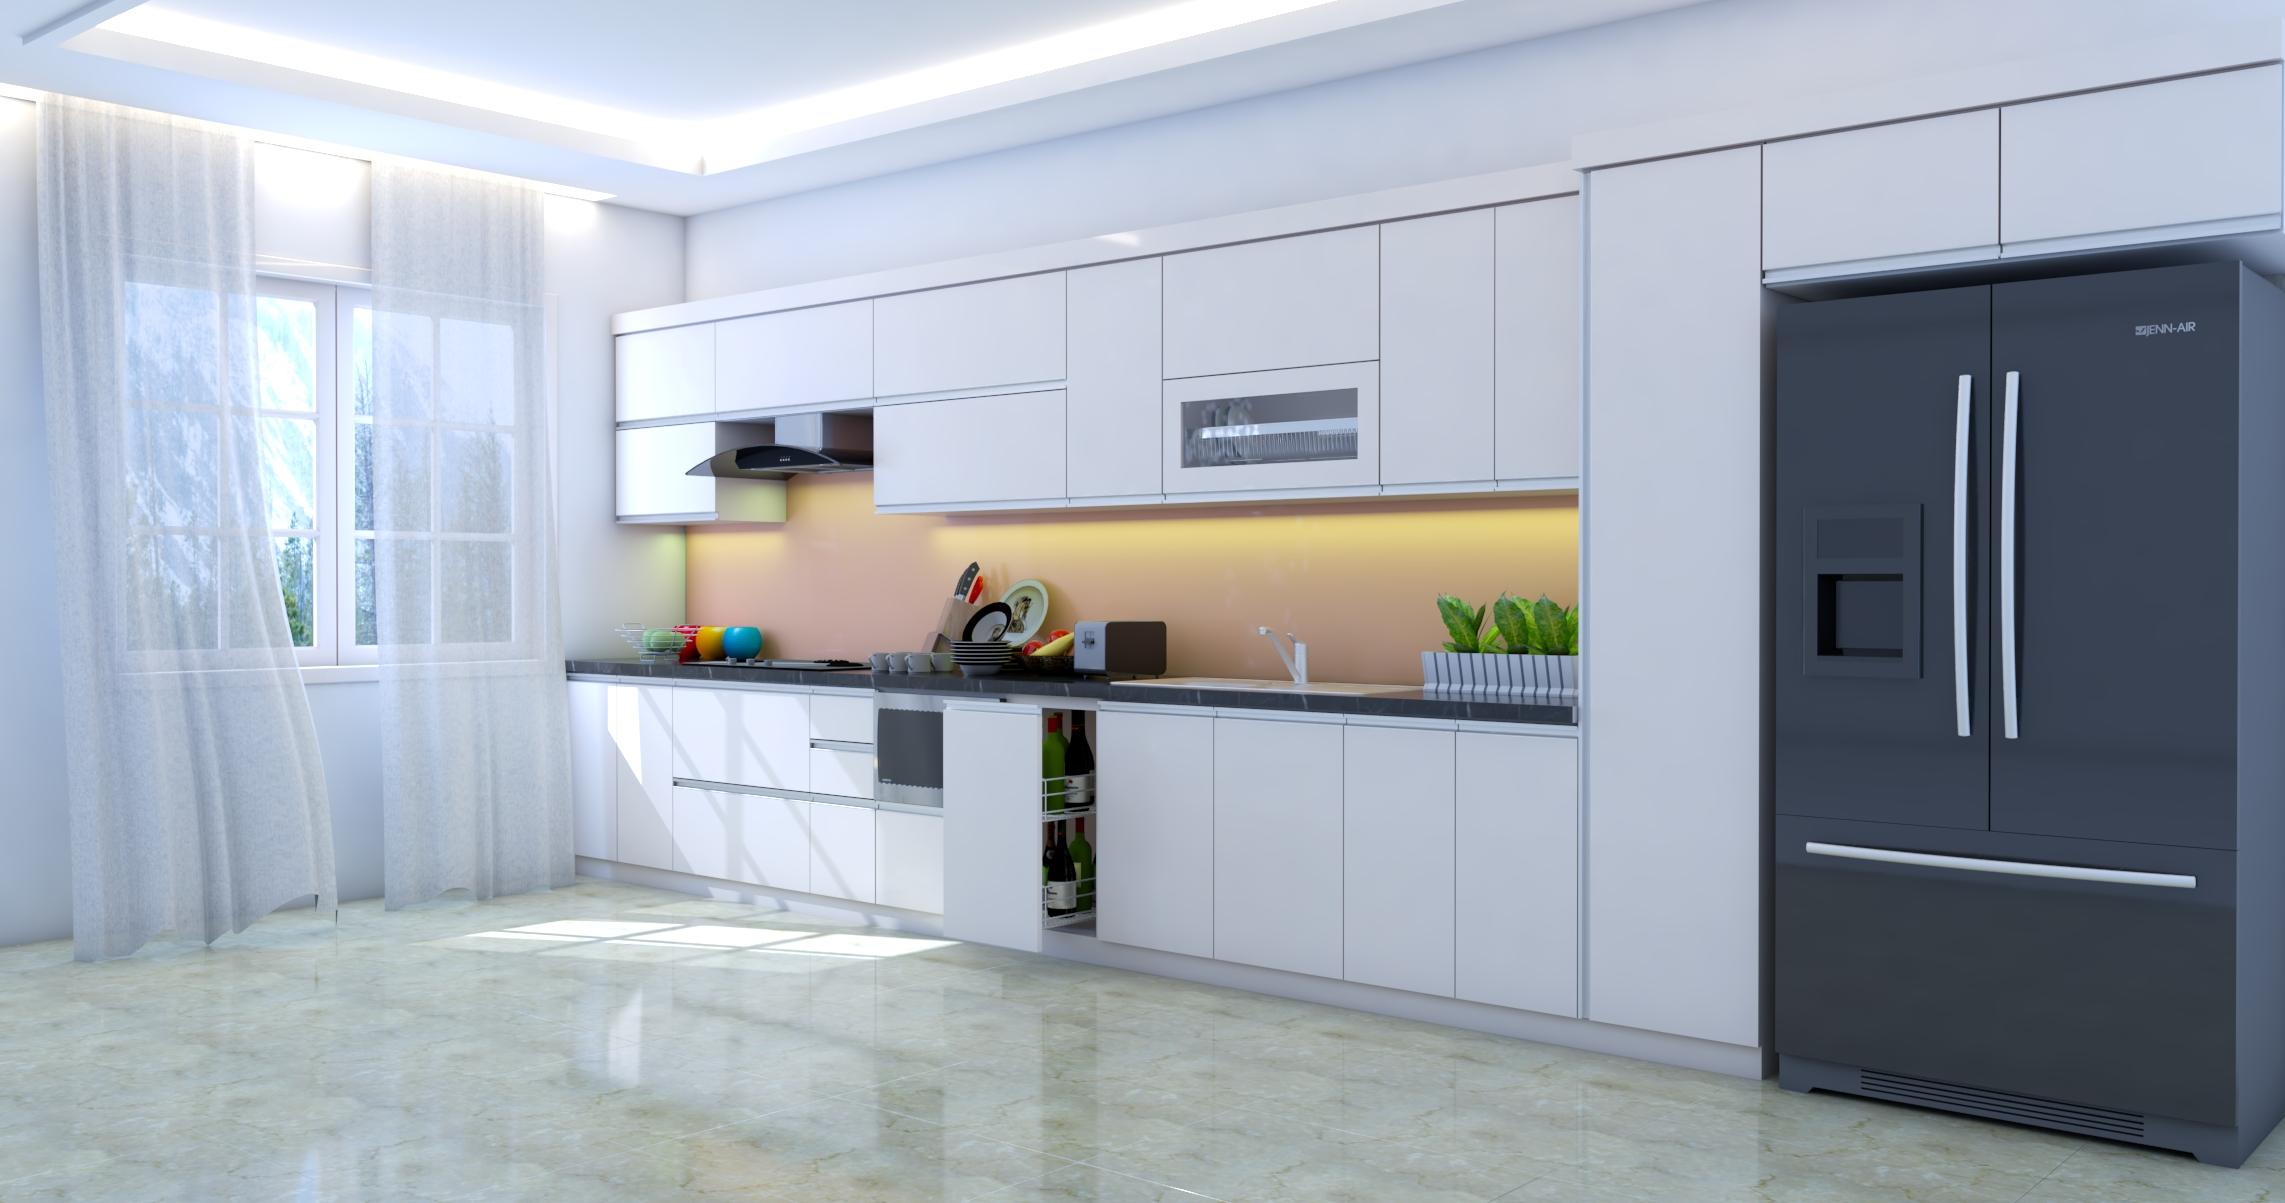 Tủ bếp chữ I nhỏ gọn tiện lợi phù hợp với nhiều không gian